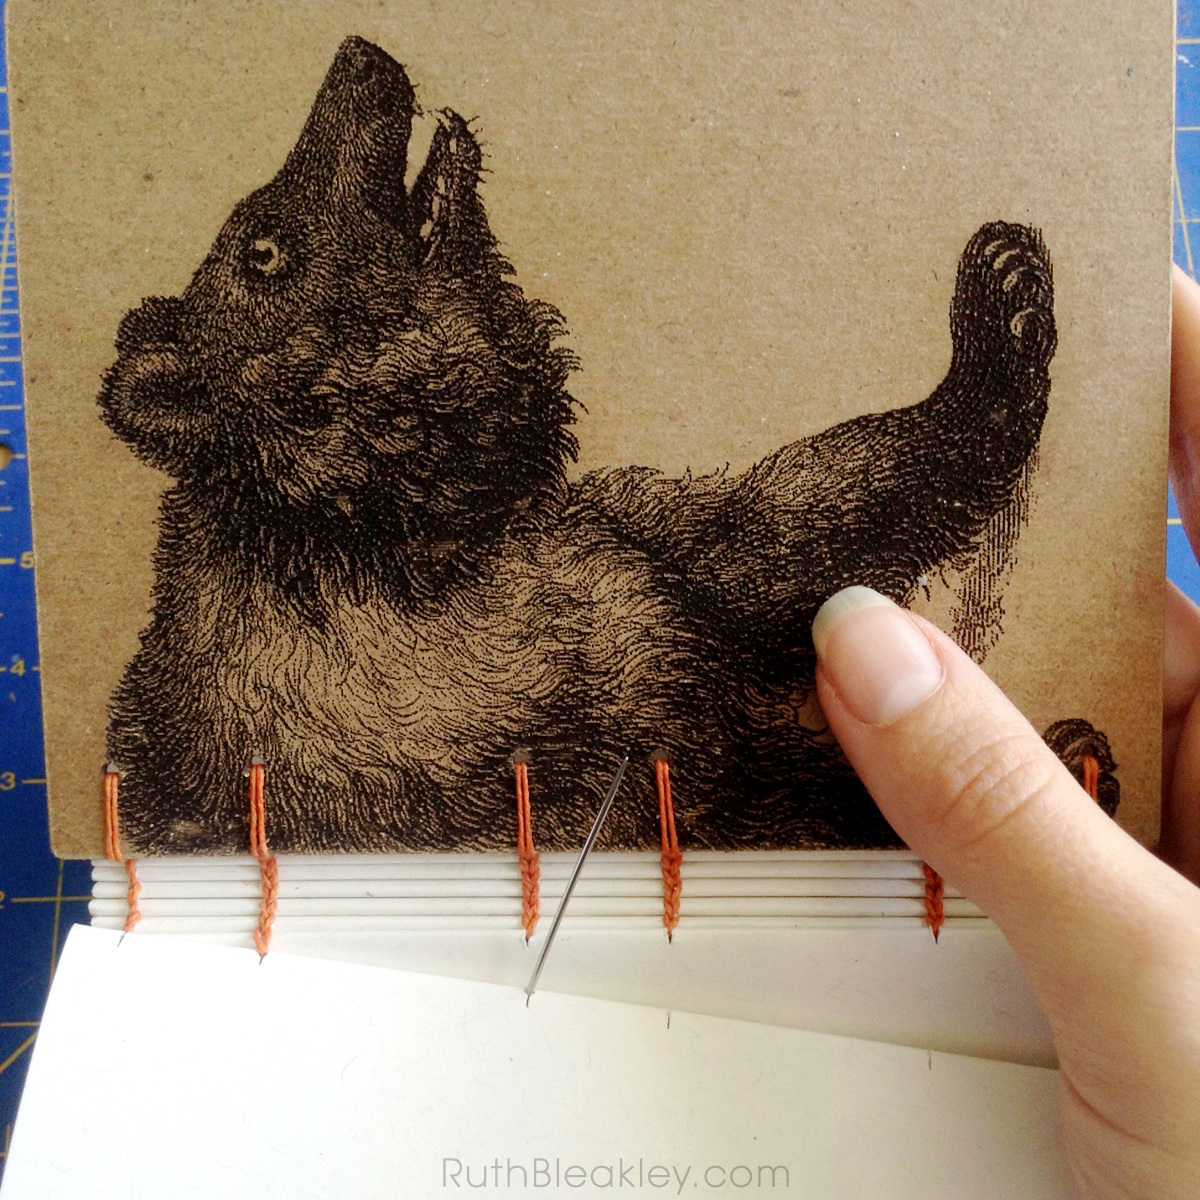 Bear Handmade Journal by book artist Ruth Bleakley - bookbinding